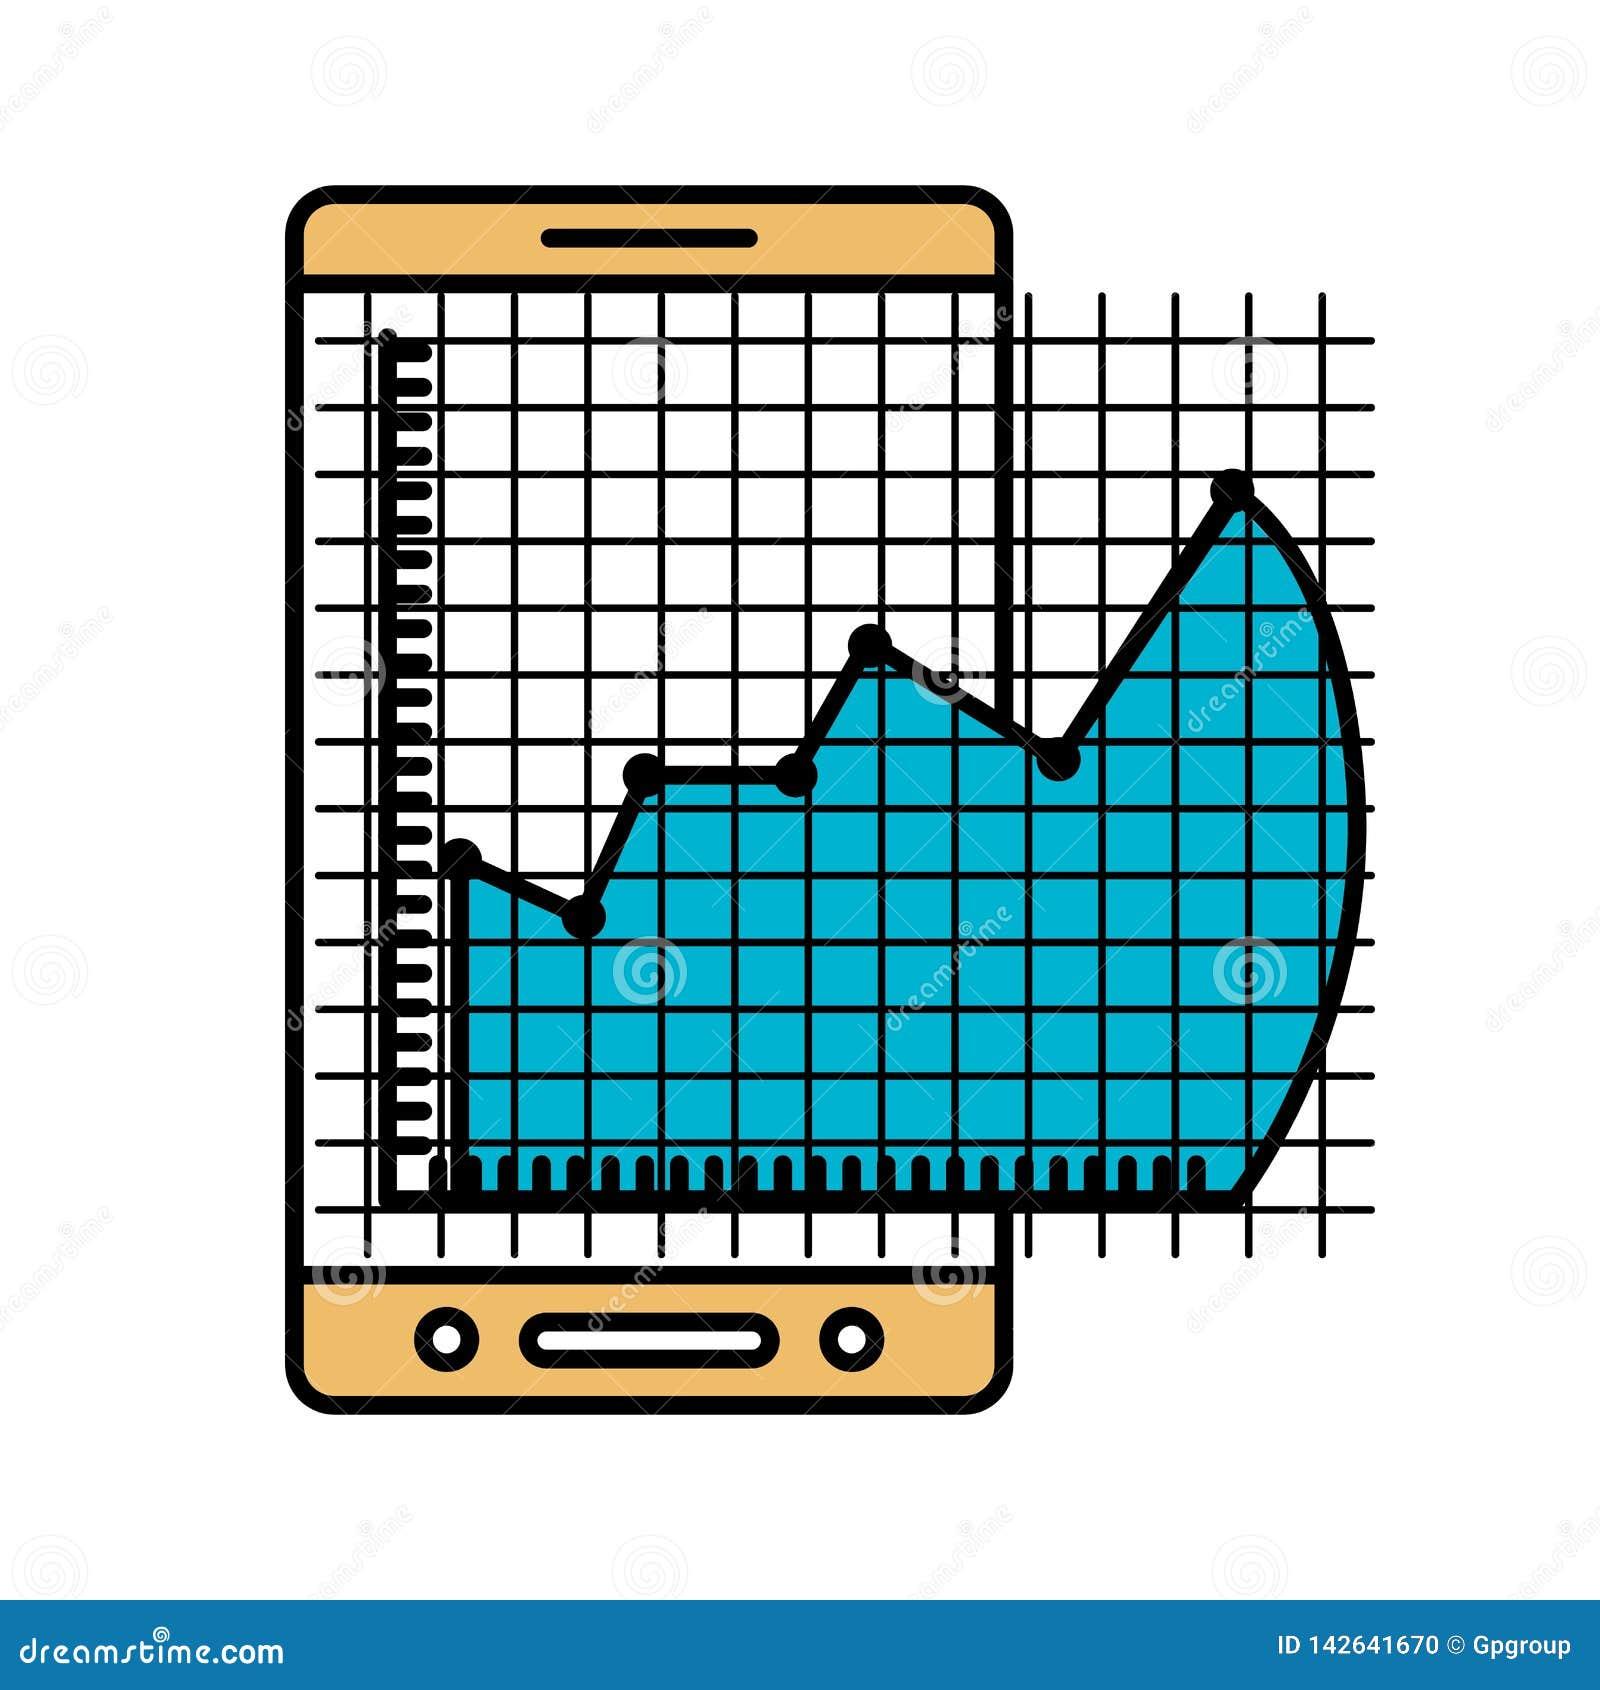 Las secciones del color siluetean del teléfono móvil y del gráfico del riesgo financiero